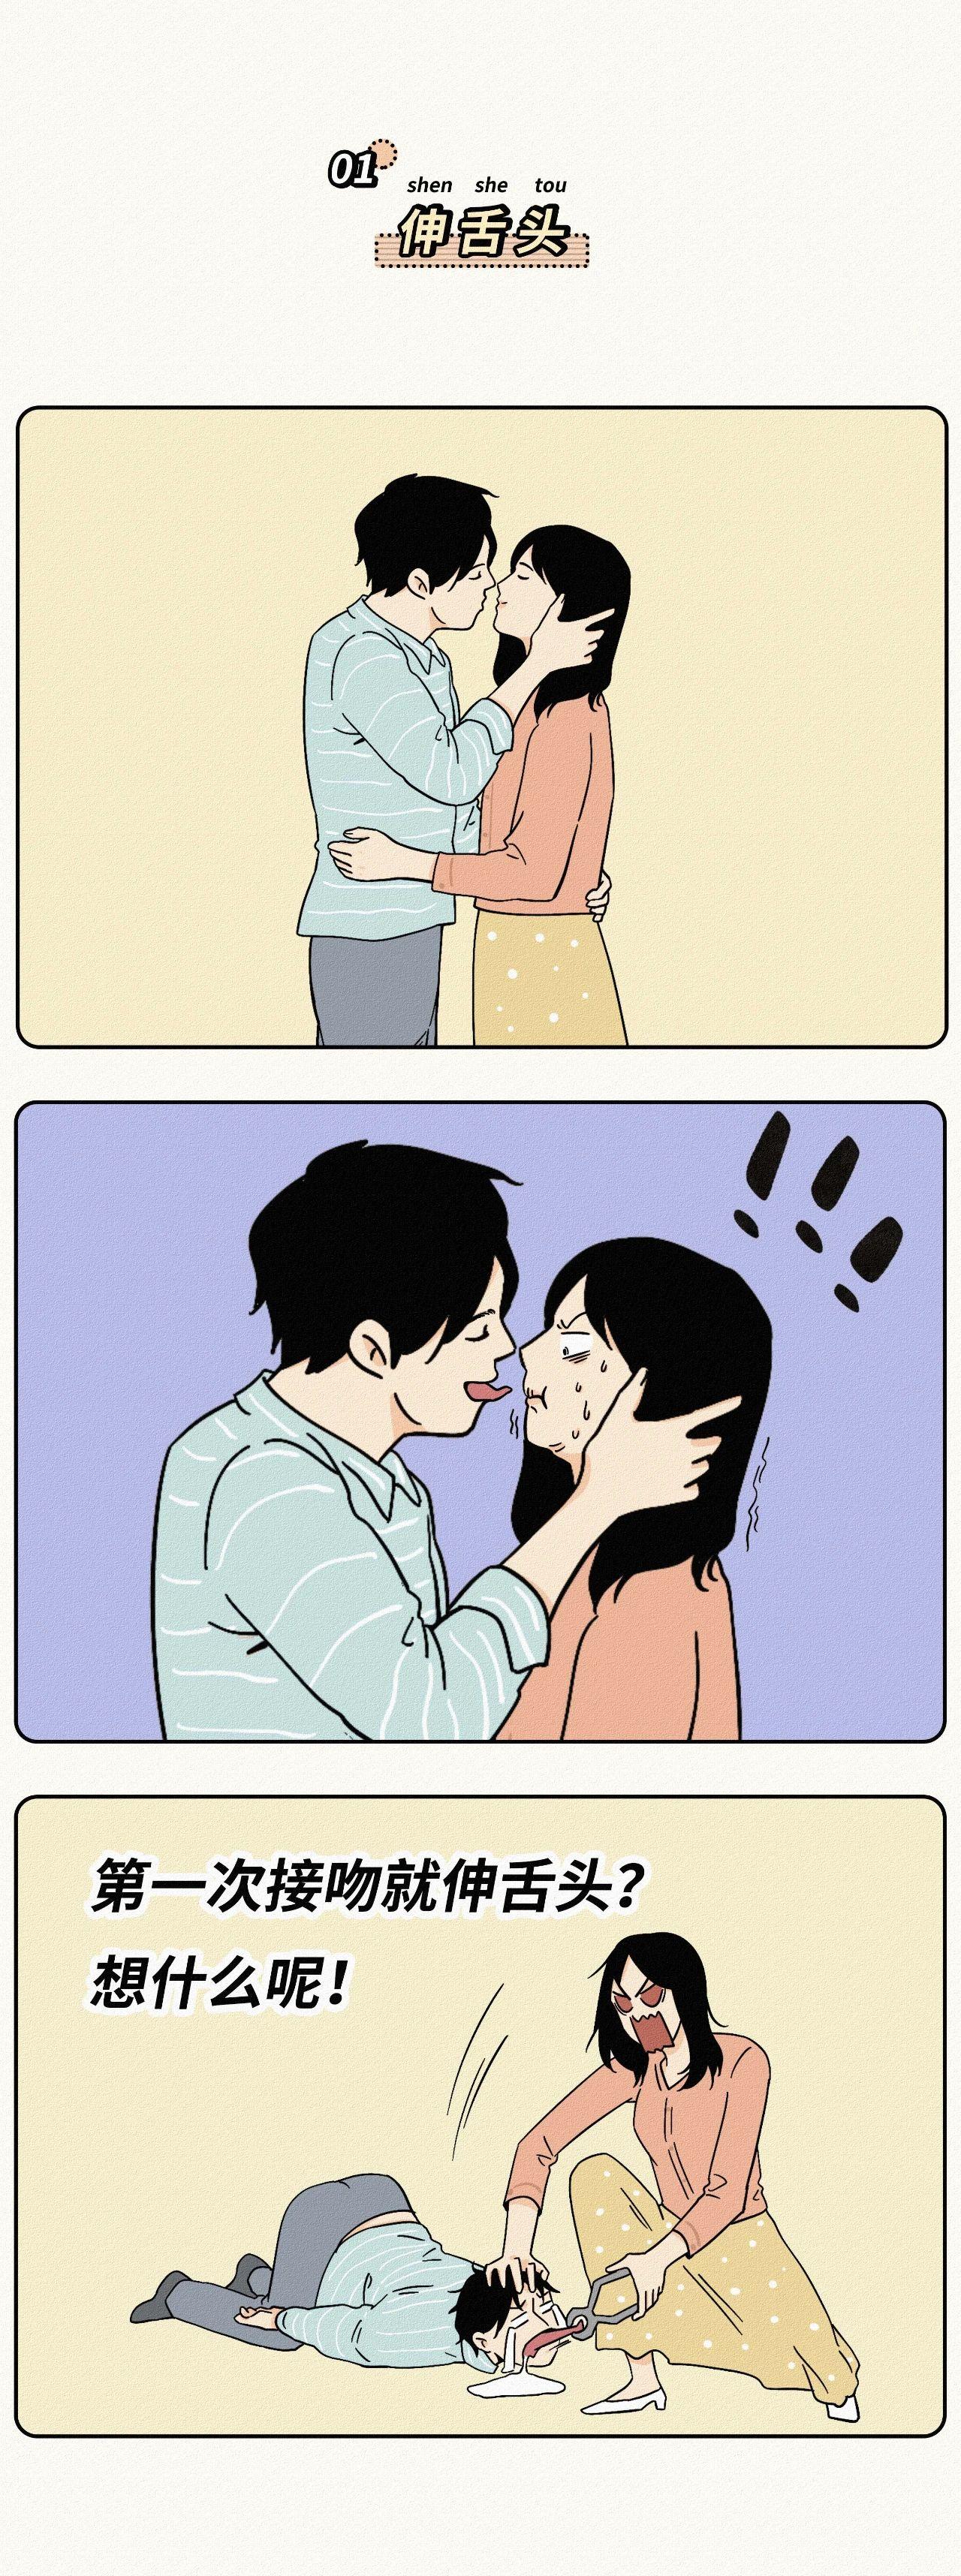 女人亲男人哪里让他最上瘾,在这四个部位亲吻男人是最享受的-第1张图片-IT新视野